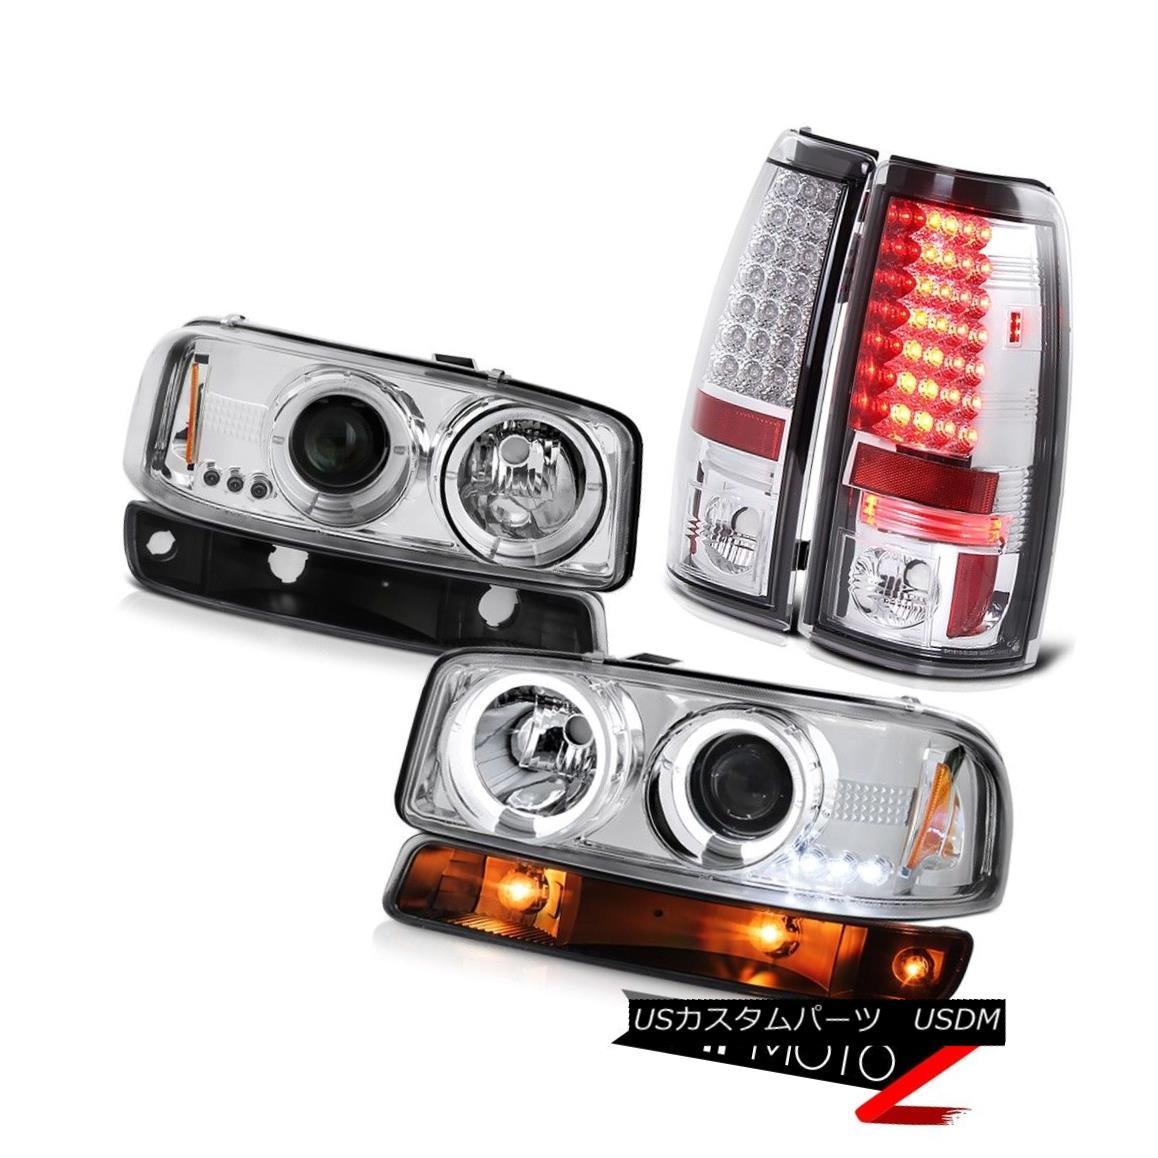 ヘッドライト 1999-2006 Sierra 3500HD Chrome tail lamps raven black turn signal headlights 1999-2006シエラ3500HDクロームテールランプブラックレーサーブラックターンシグナルヘッドライト